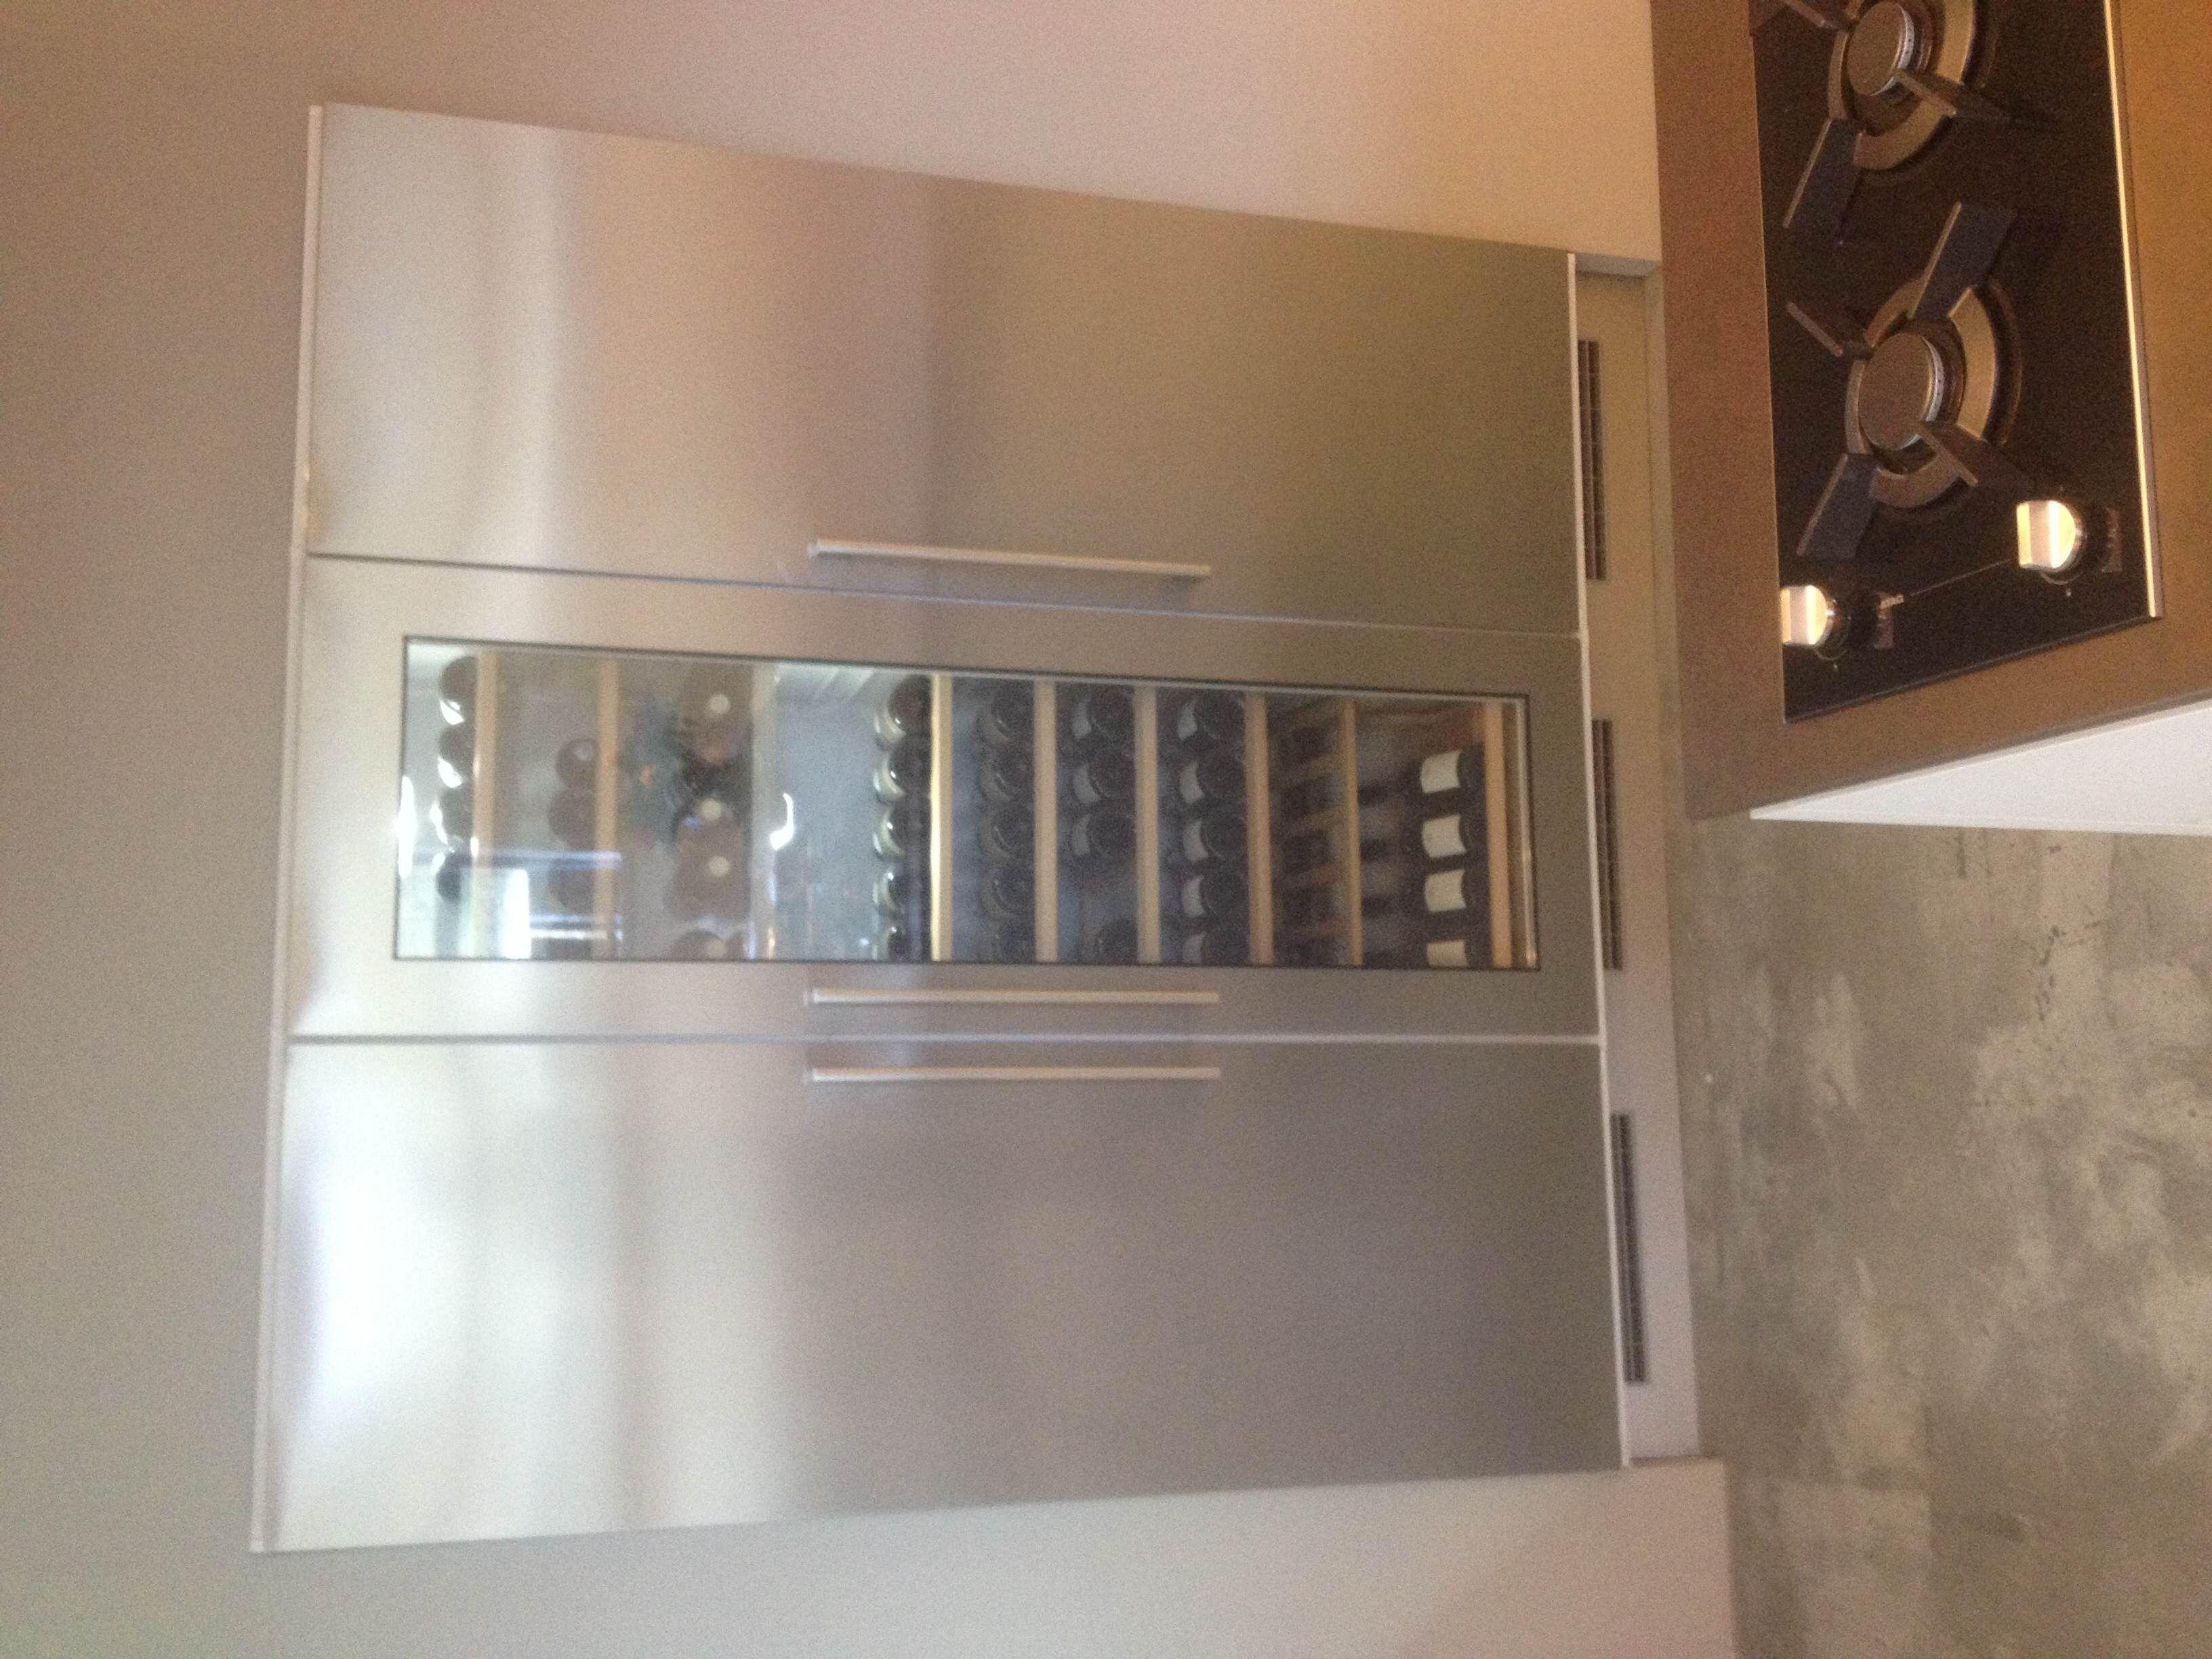 ... lage keuken prijzen : Greeploze keuken met een dekton werkblad [53759